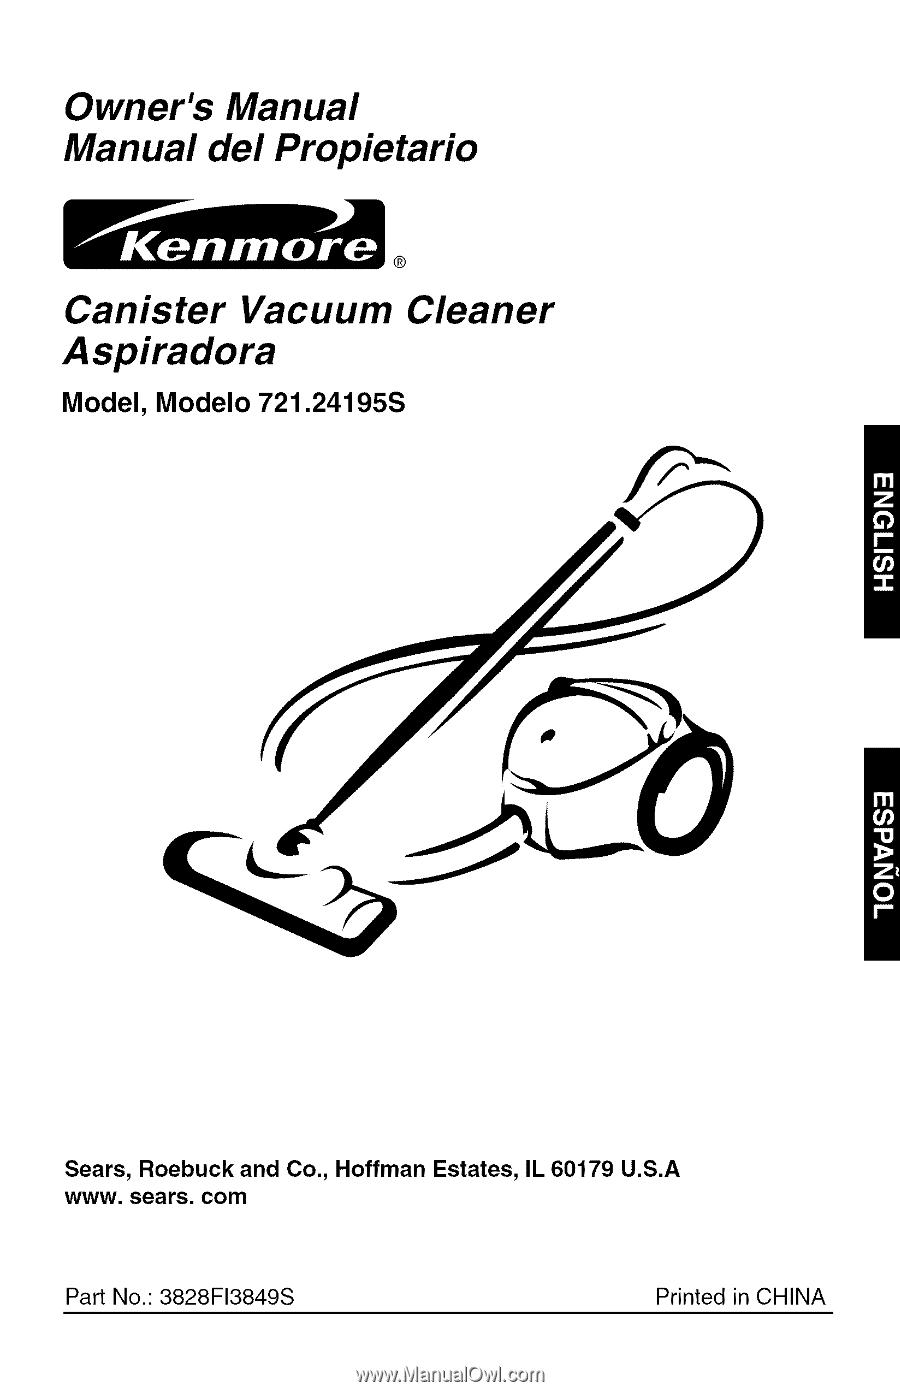 kenmore canister vacuum repair manual